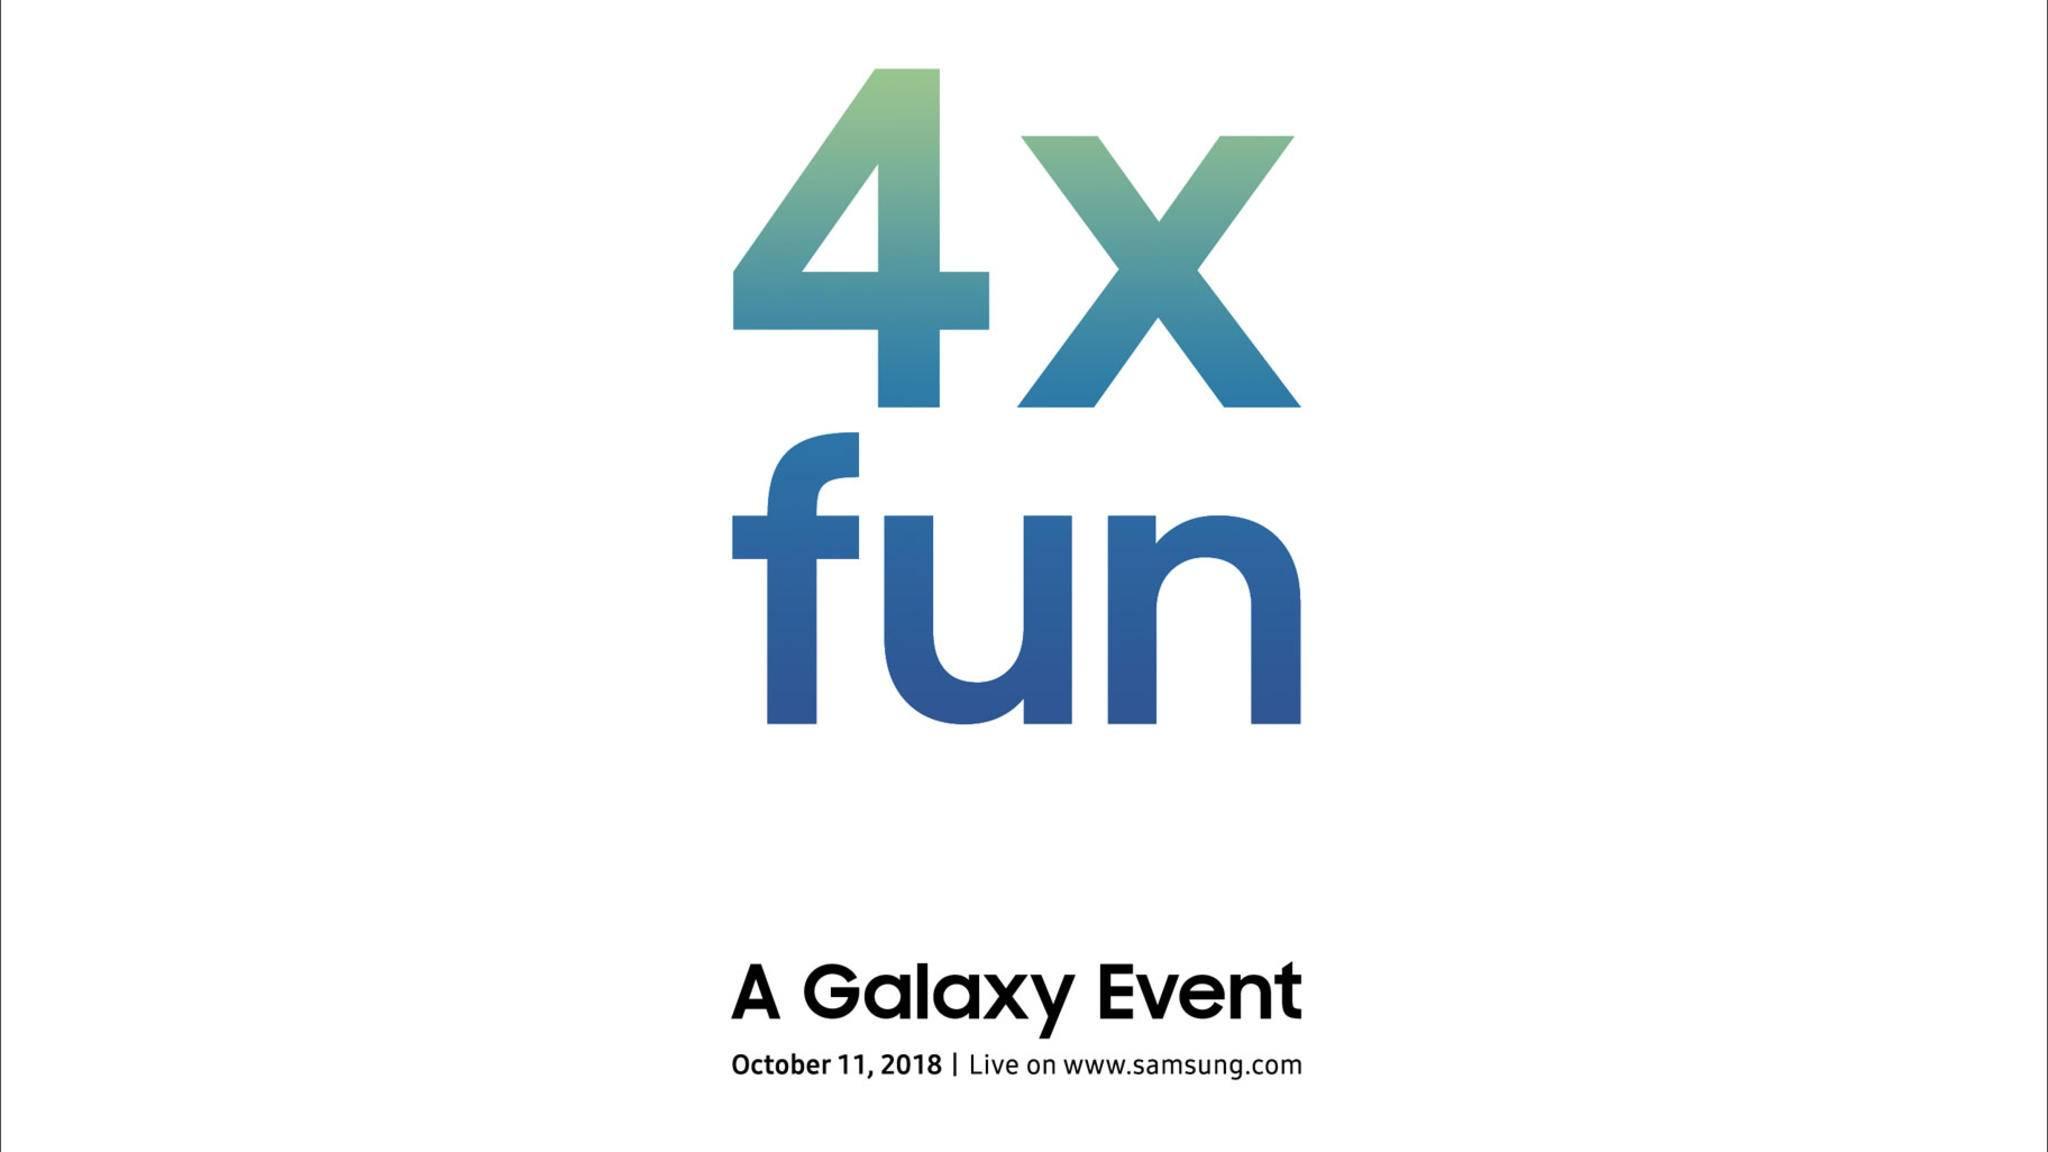 """Steht """"4x fun"""" etwa für ein Smartphone mit vier Kameras?"""